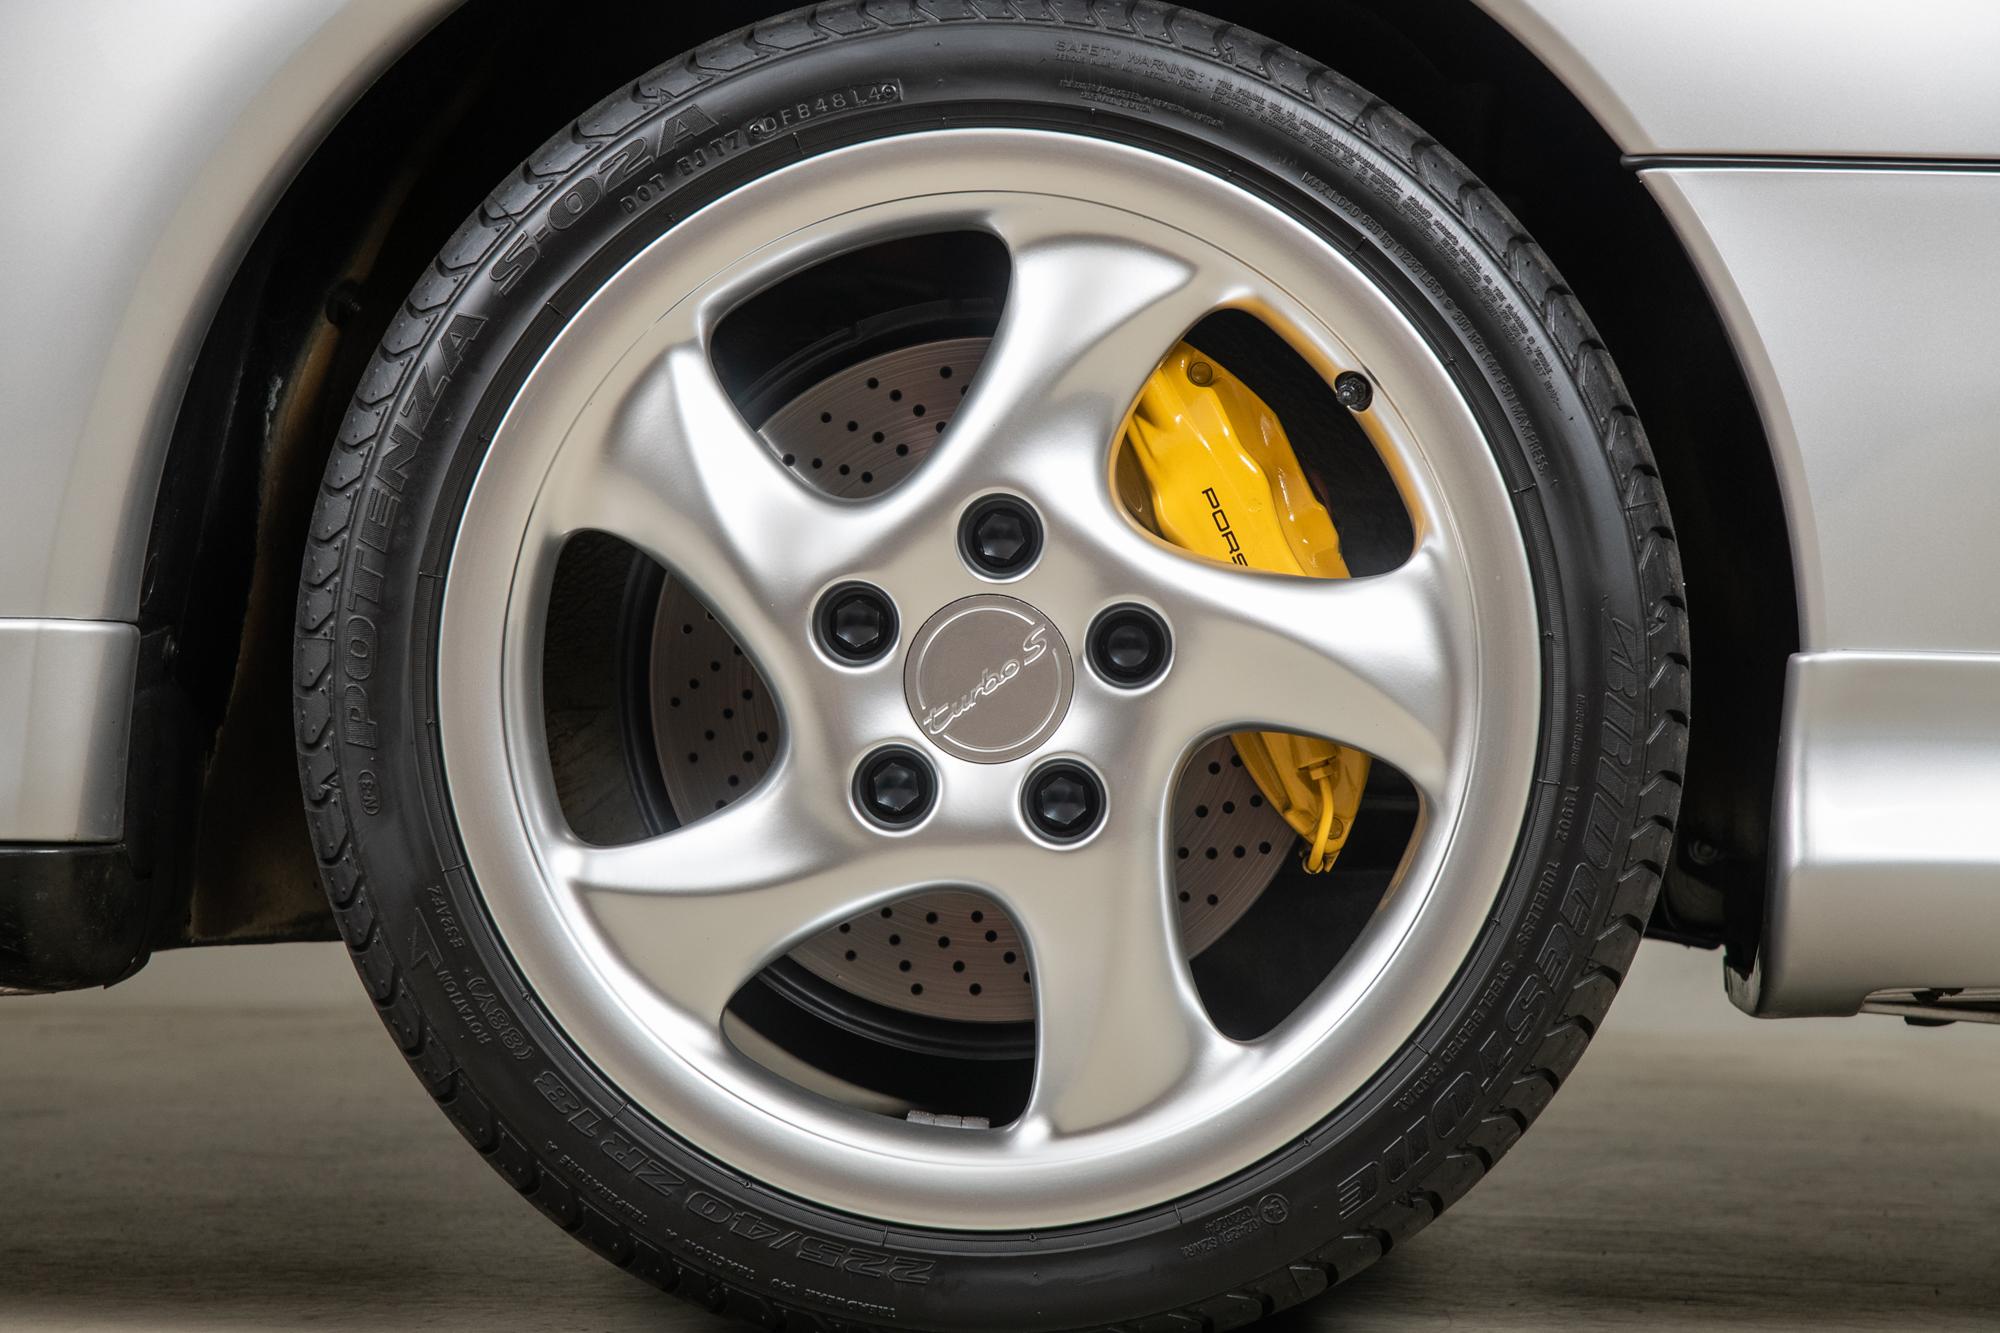 1997 Porsche 911 Turbo S , SILVER, VIN WP0AC2991VS375853, MILEAGE 1416